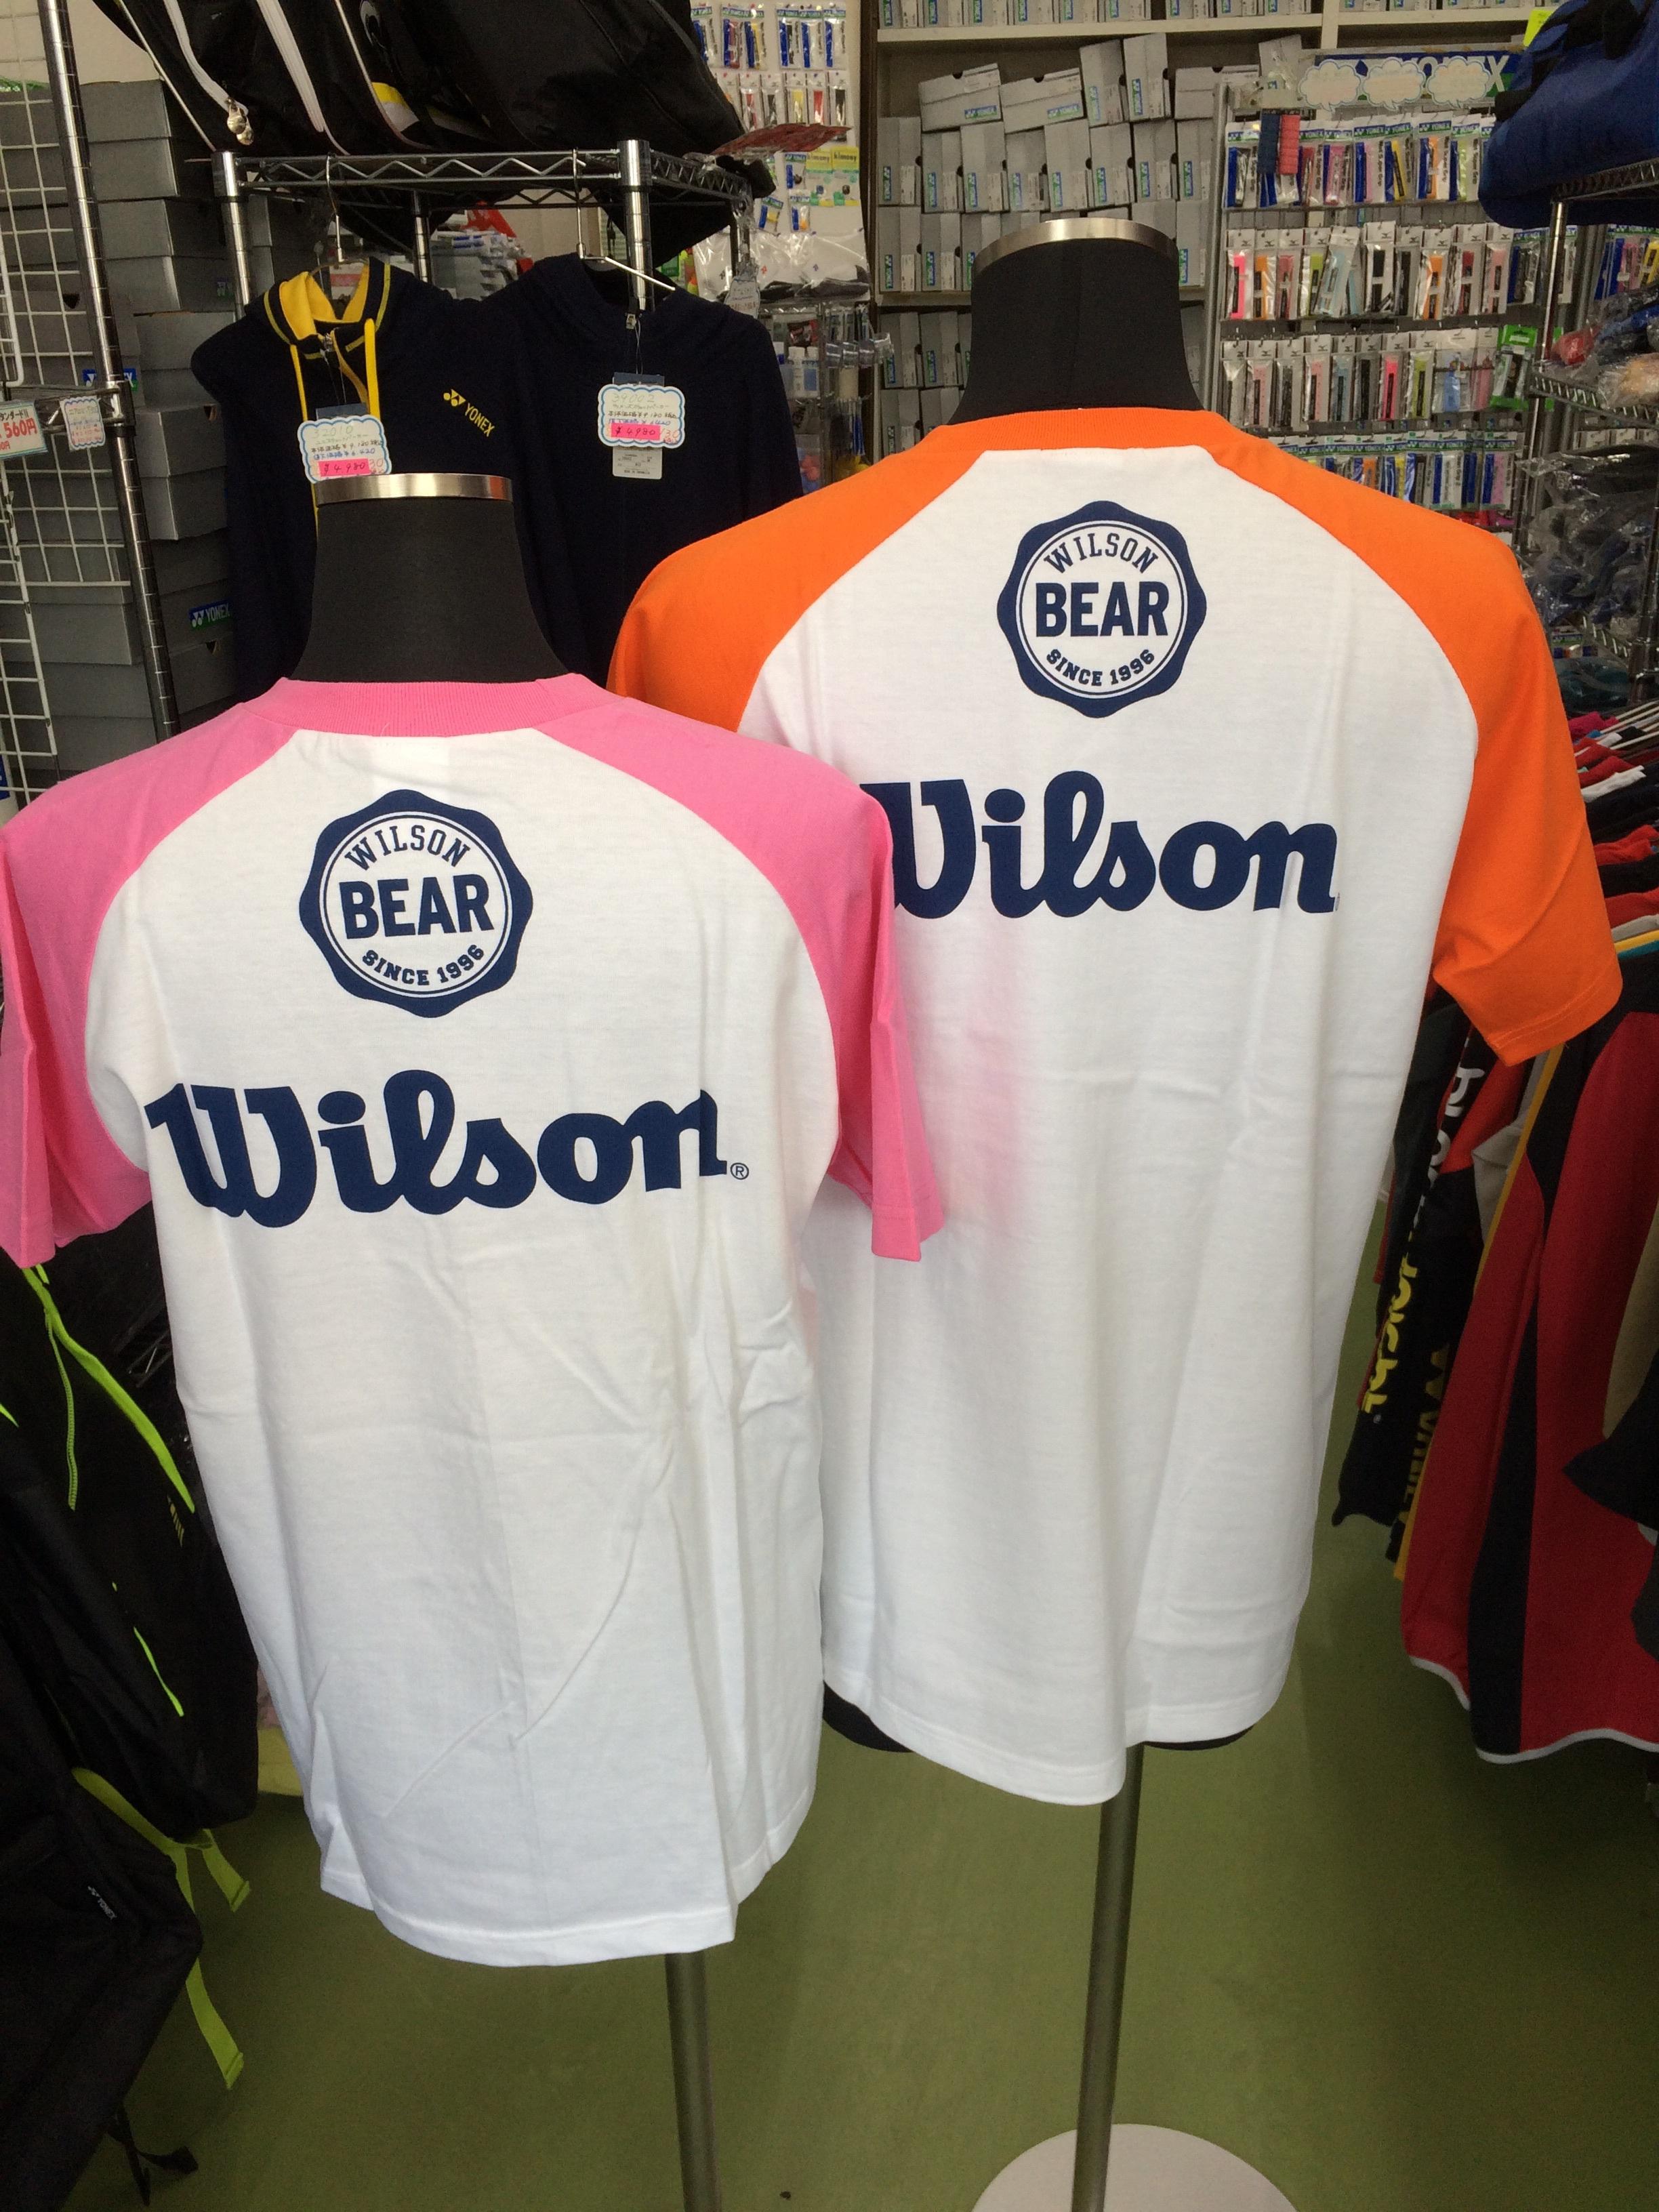 ウィルソン Tシャツ - 画像3